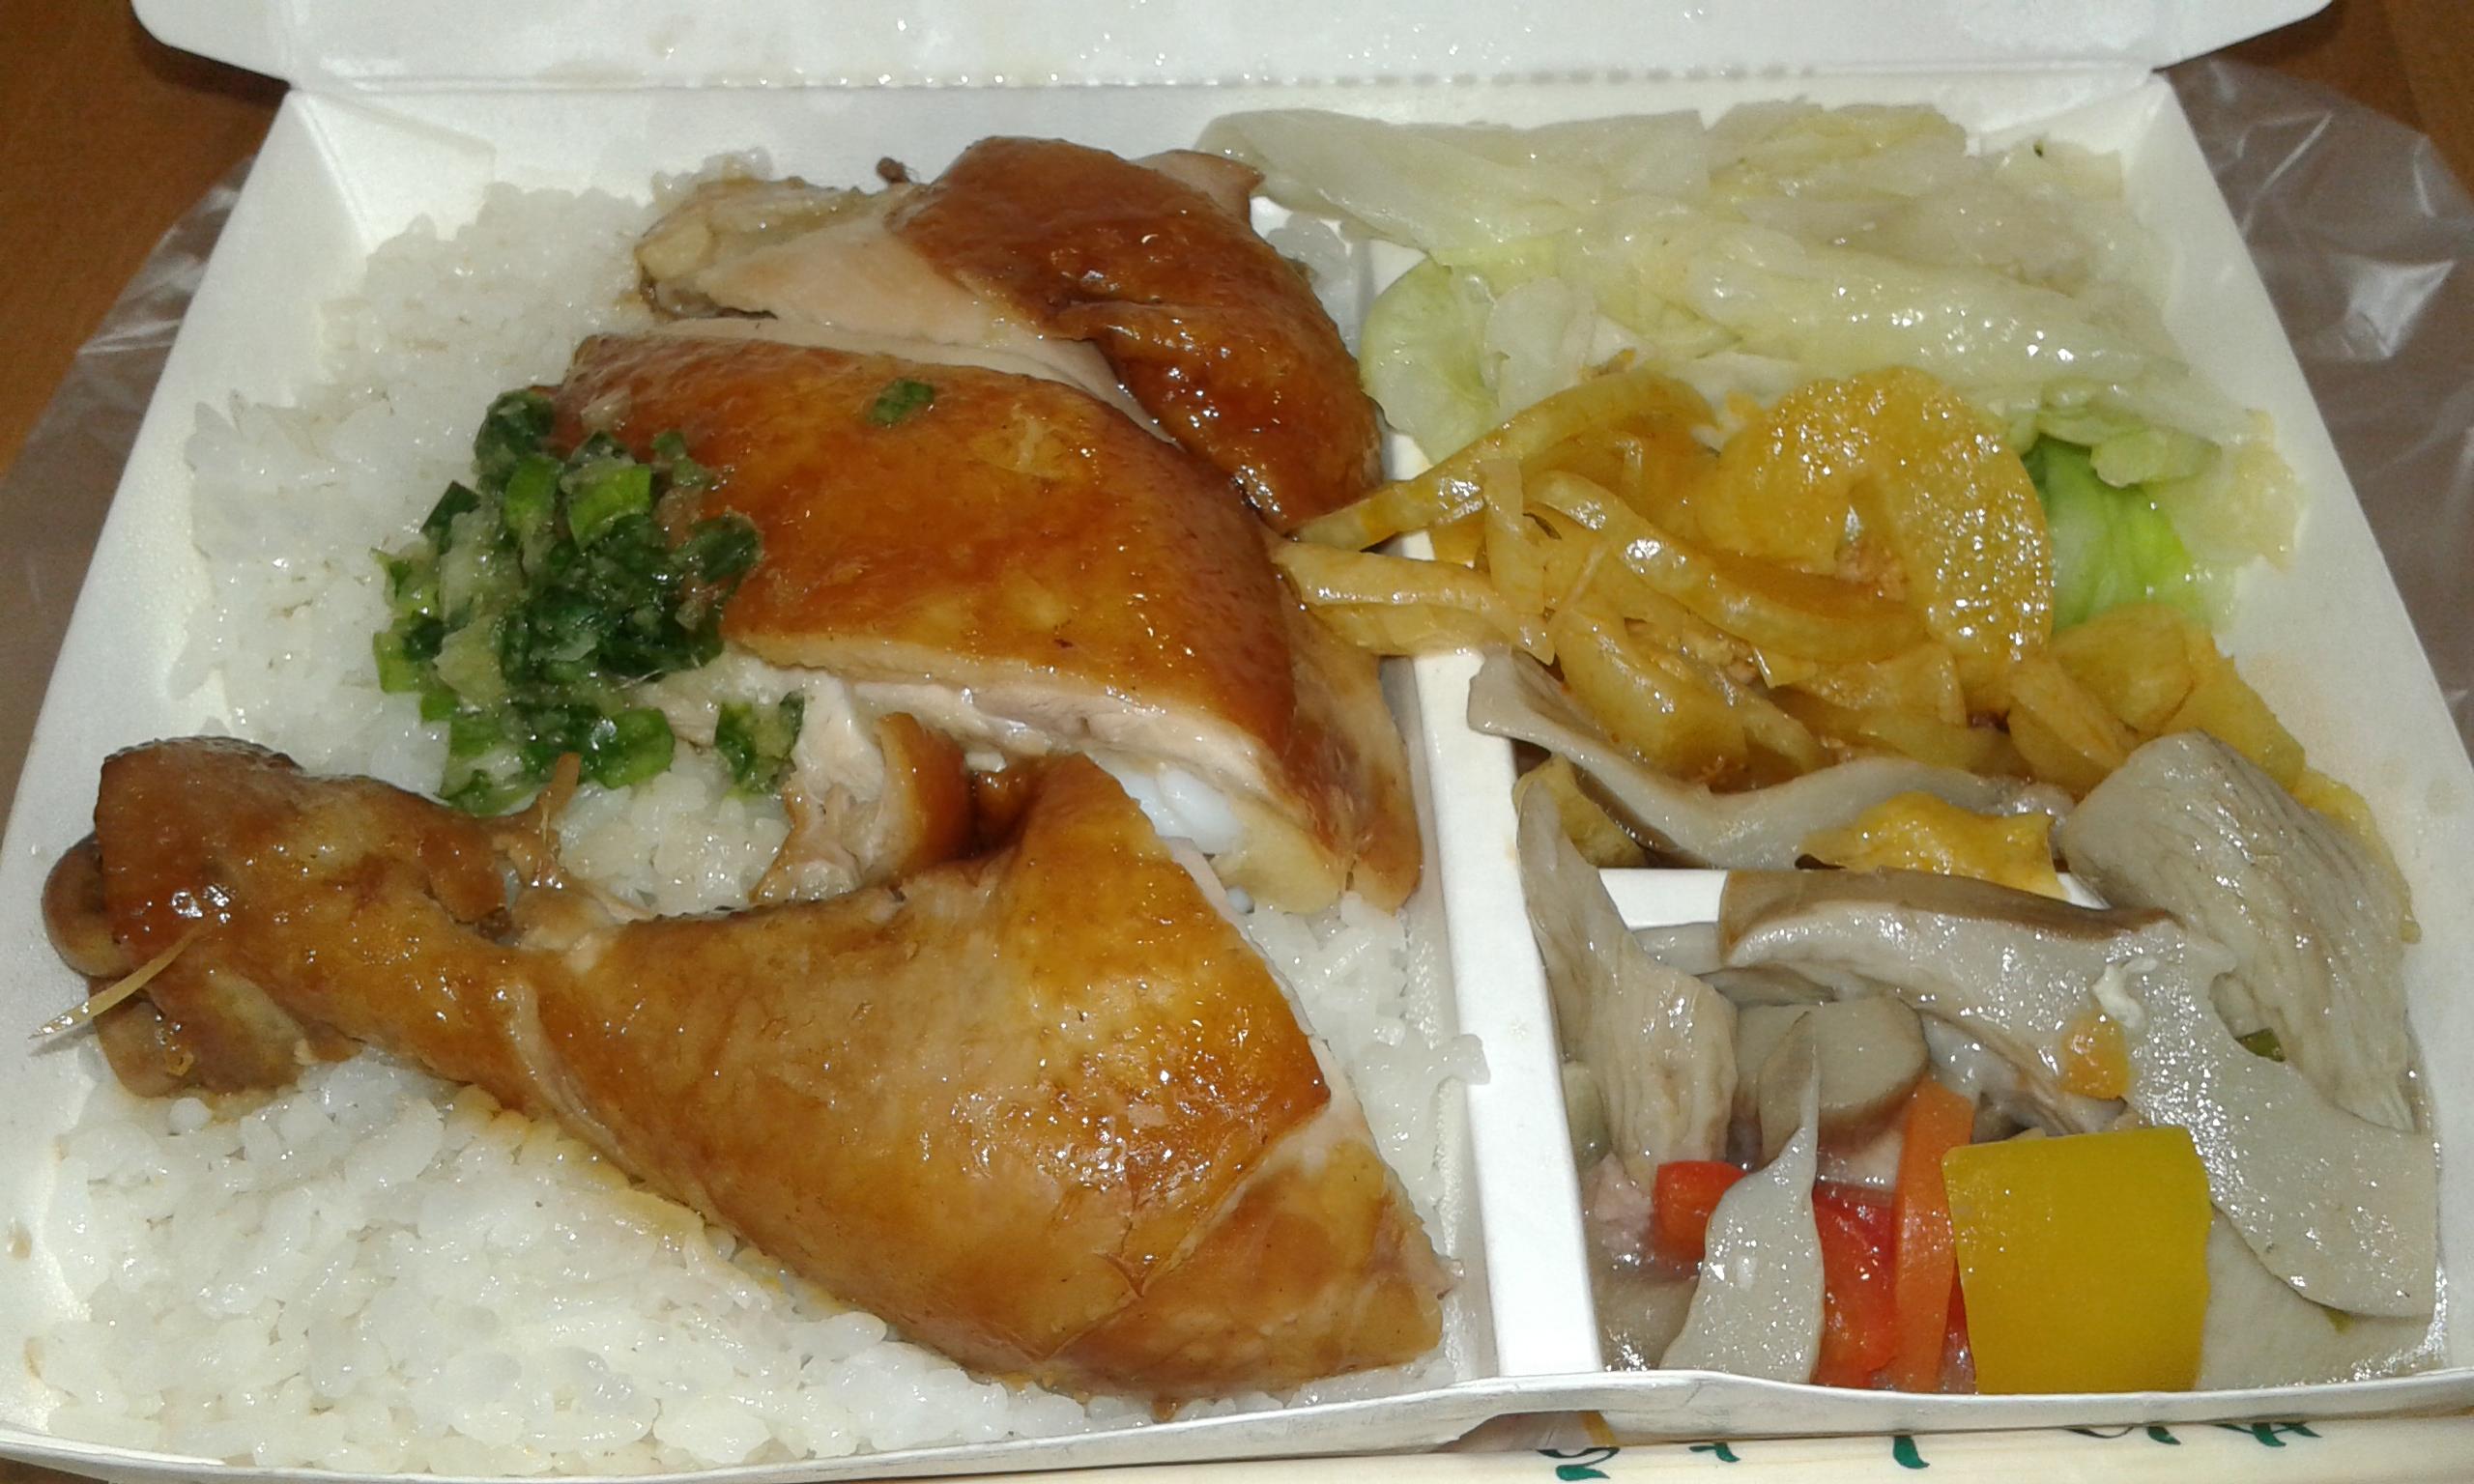 肉魚と野菜のバランスがいい♪民權路で大人気のお弁当屋さん[お店情報]